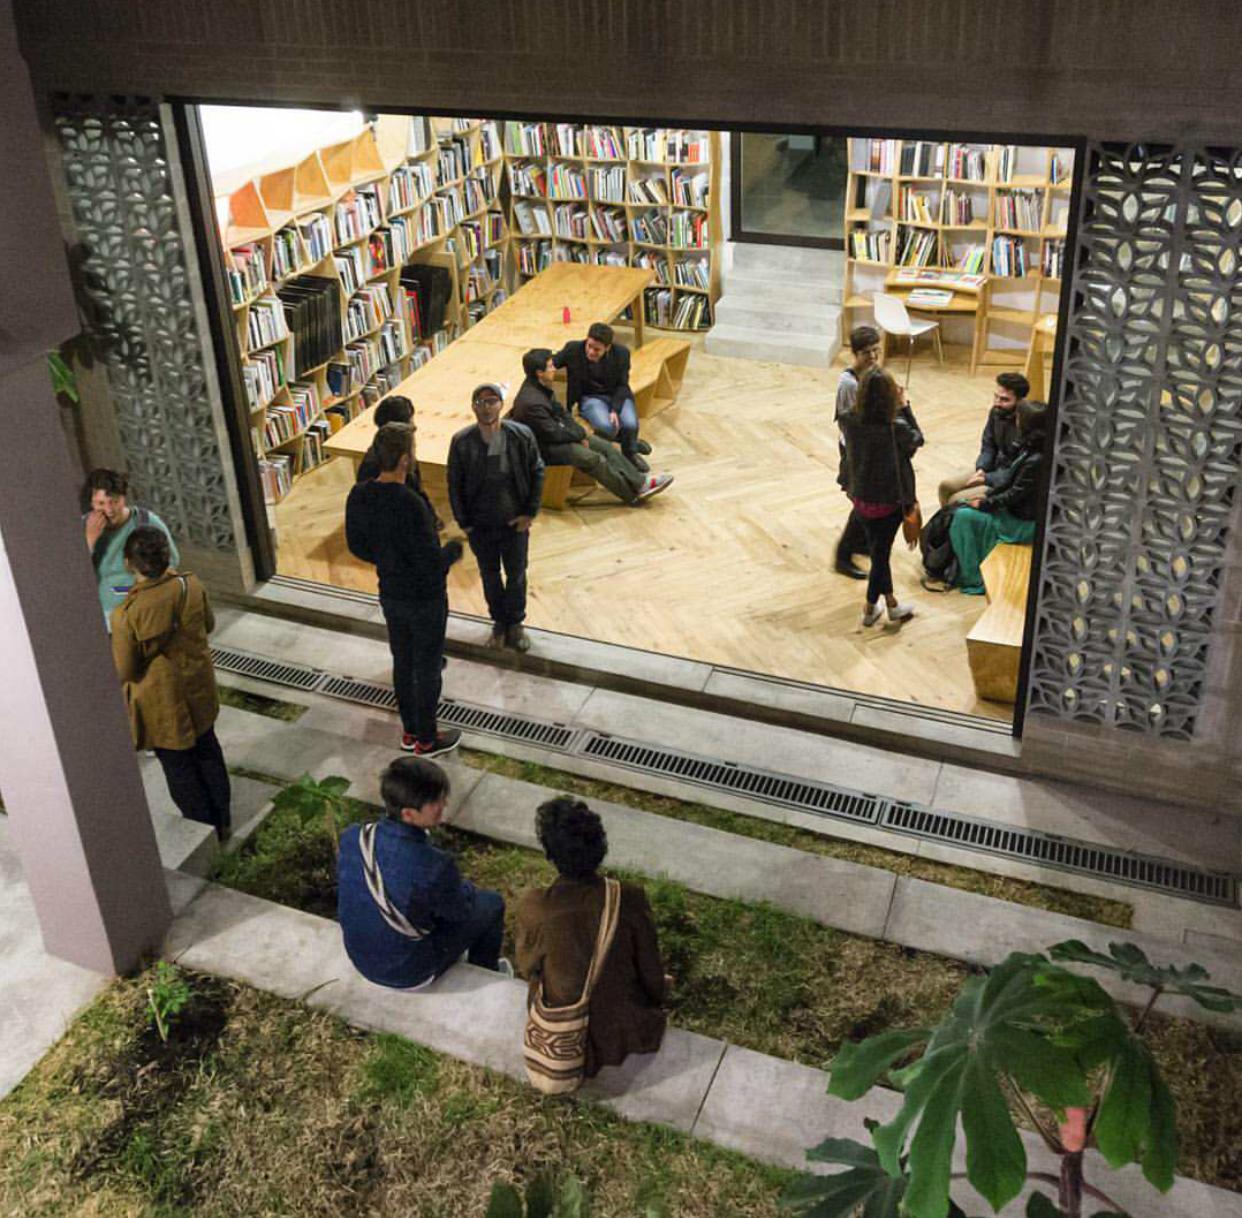 La biblioteca de Flora crece y se traslada al primer piso del nuevo edificio, donde también se harán presentaciones y conferencias.